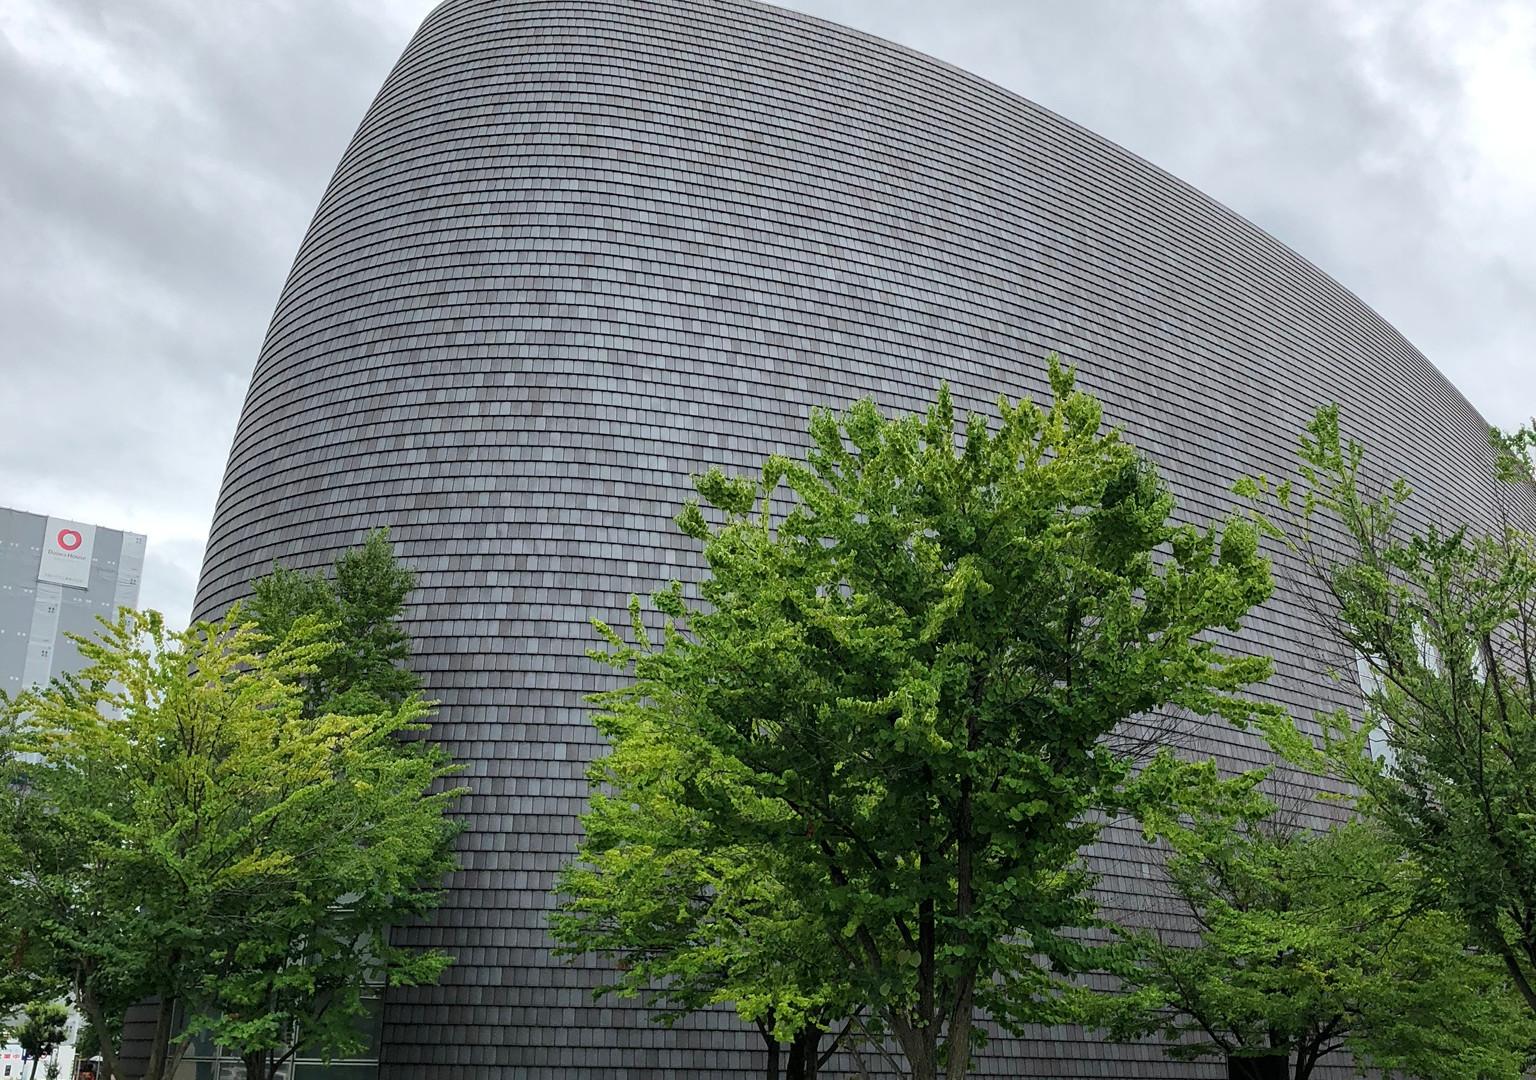 Nara Centennial Hall; designed by Arata Isozaki